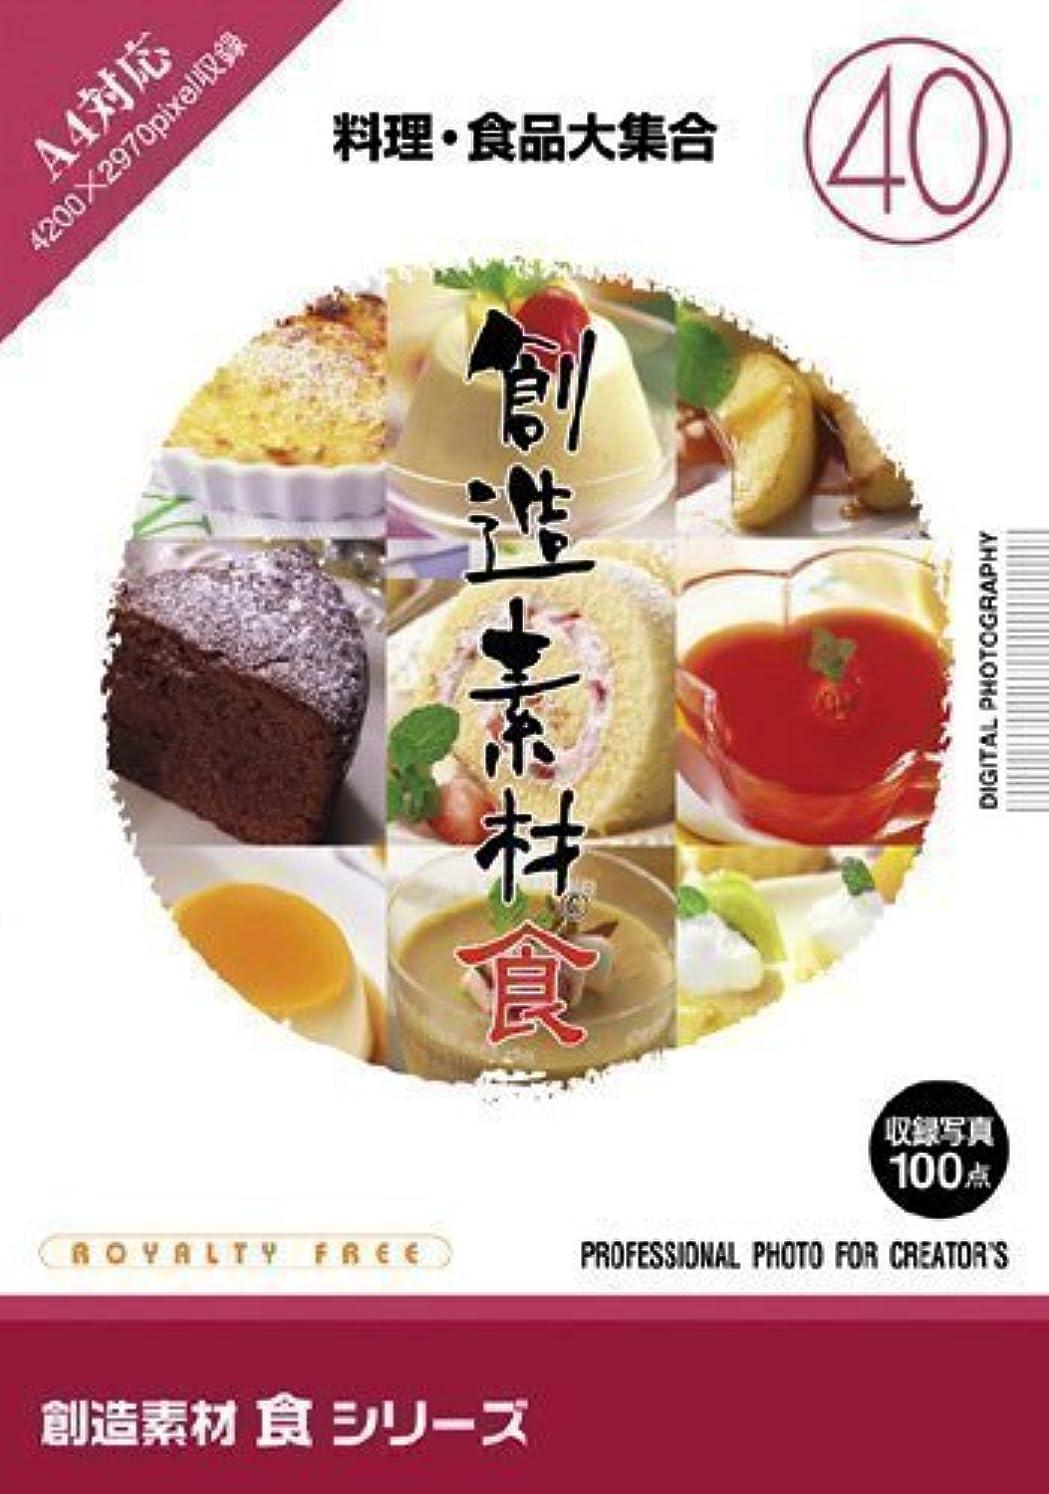 精緻化破壊結核創造素材 食(40) 料理?食品大集合